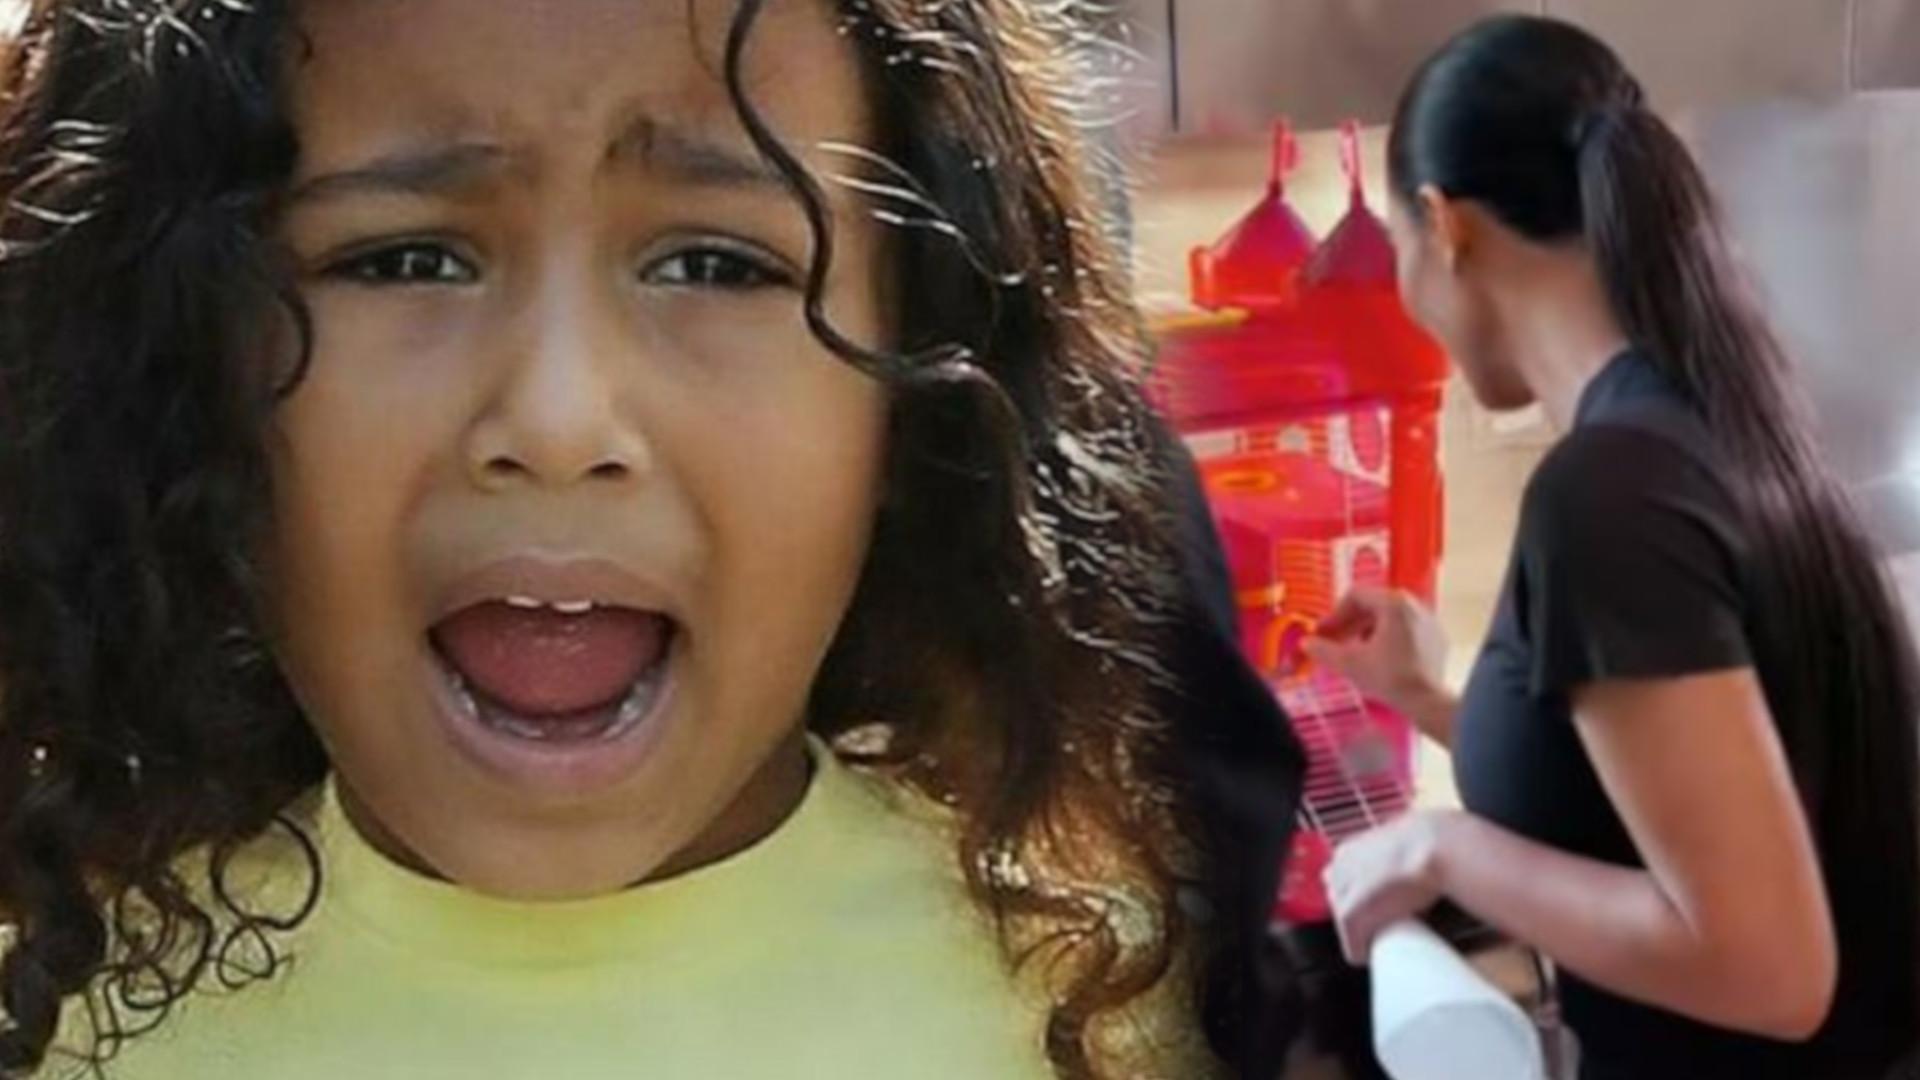 Zdechł chomik North West – Kim Kardashian wpadła w panikę i obwiniła o wszystko Khloe